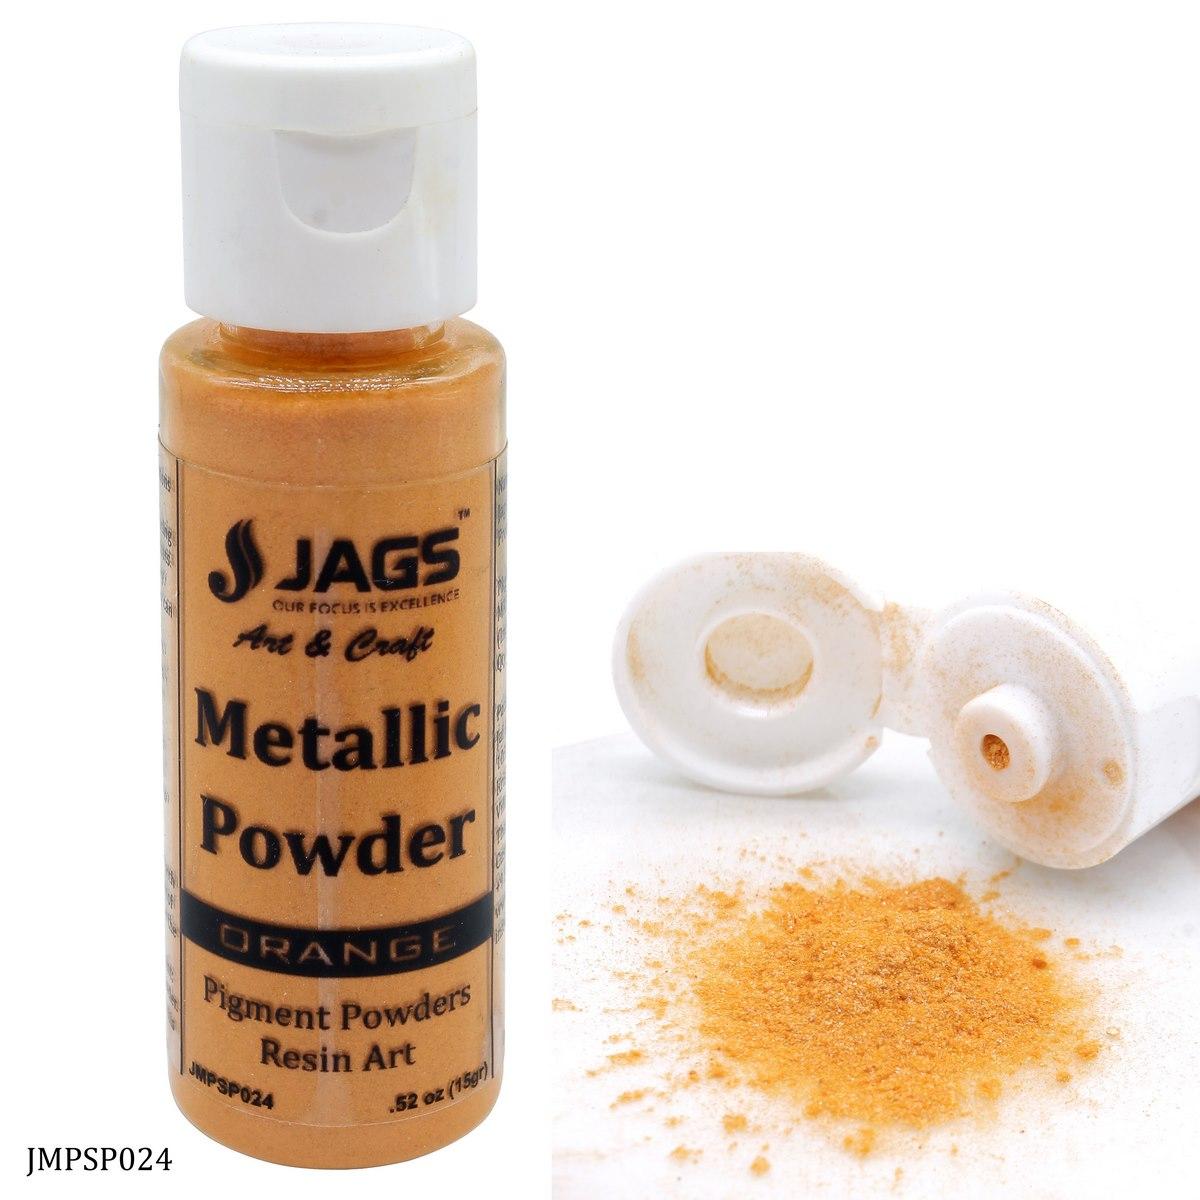 Jags Metallic Powder Orange 15Gms JMPSP024